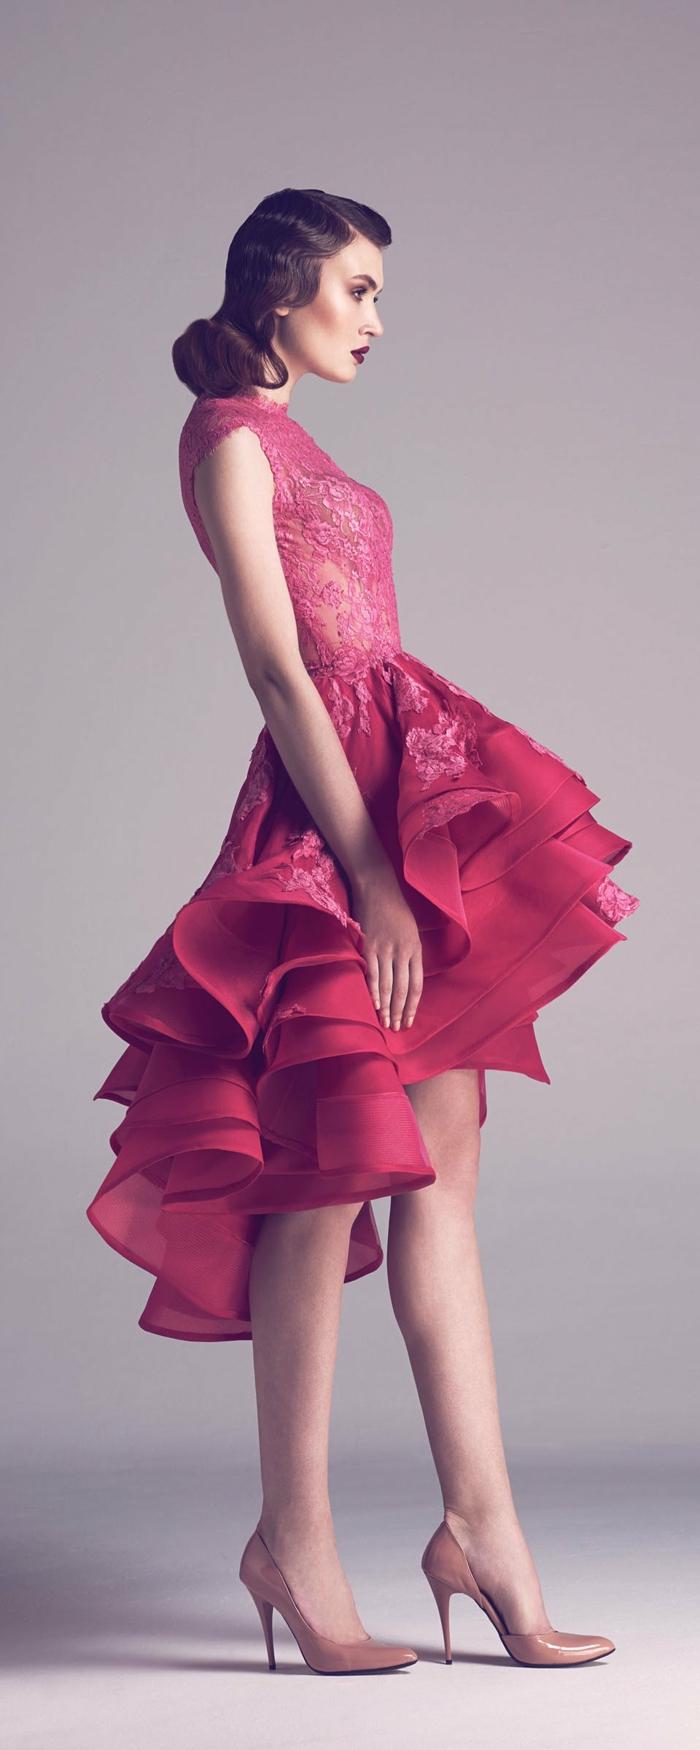 Frisur mit Volumenwelle und Seitenscheitel, pinkes Kled mit Oberteil aus Spitze und Plissee-Unterteil, pinkes Kleid, das vorne kürzer und hinten länger ist, Spitze mit Blumenmotiven, Lackschuhe mit Absatz in Beige